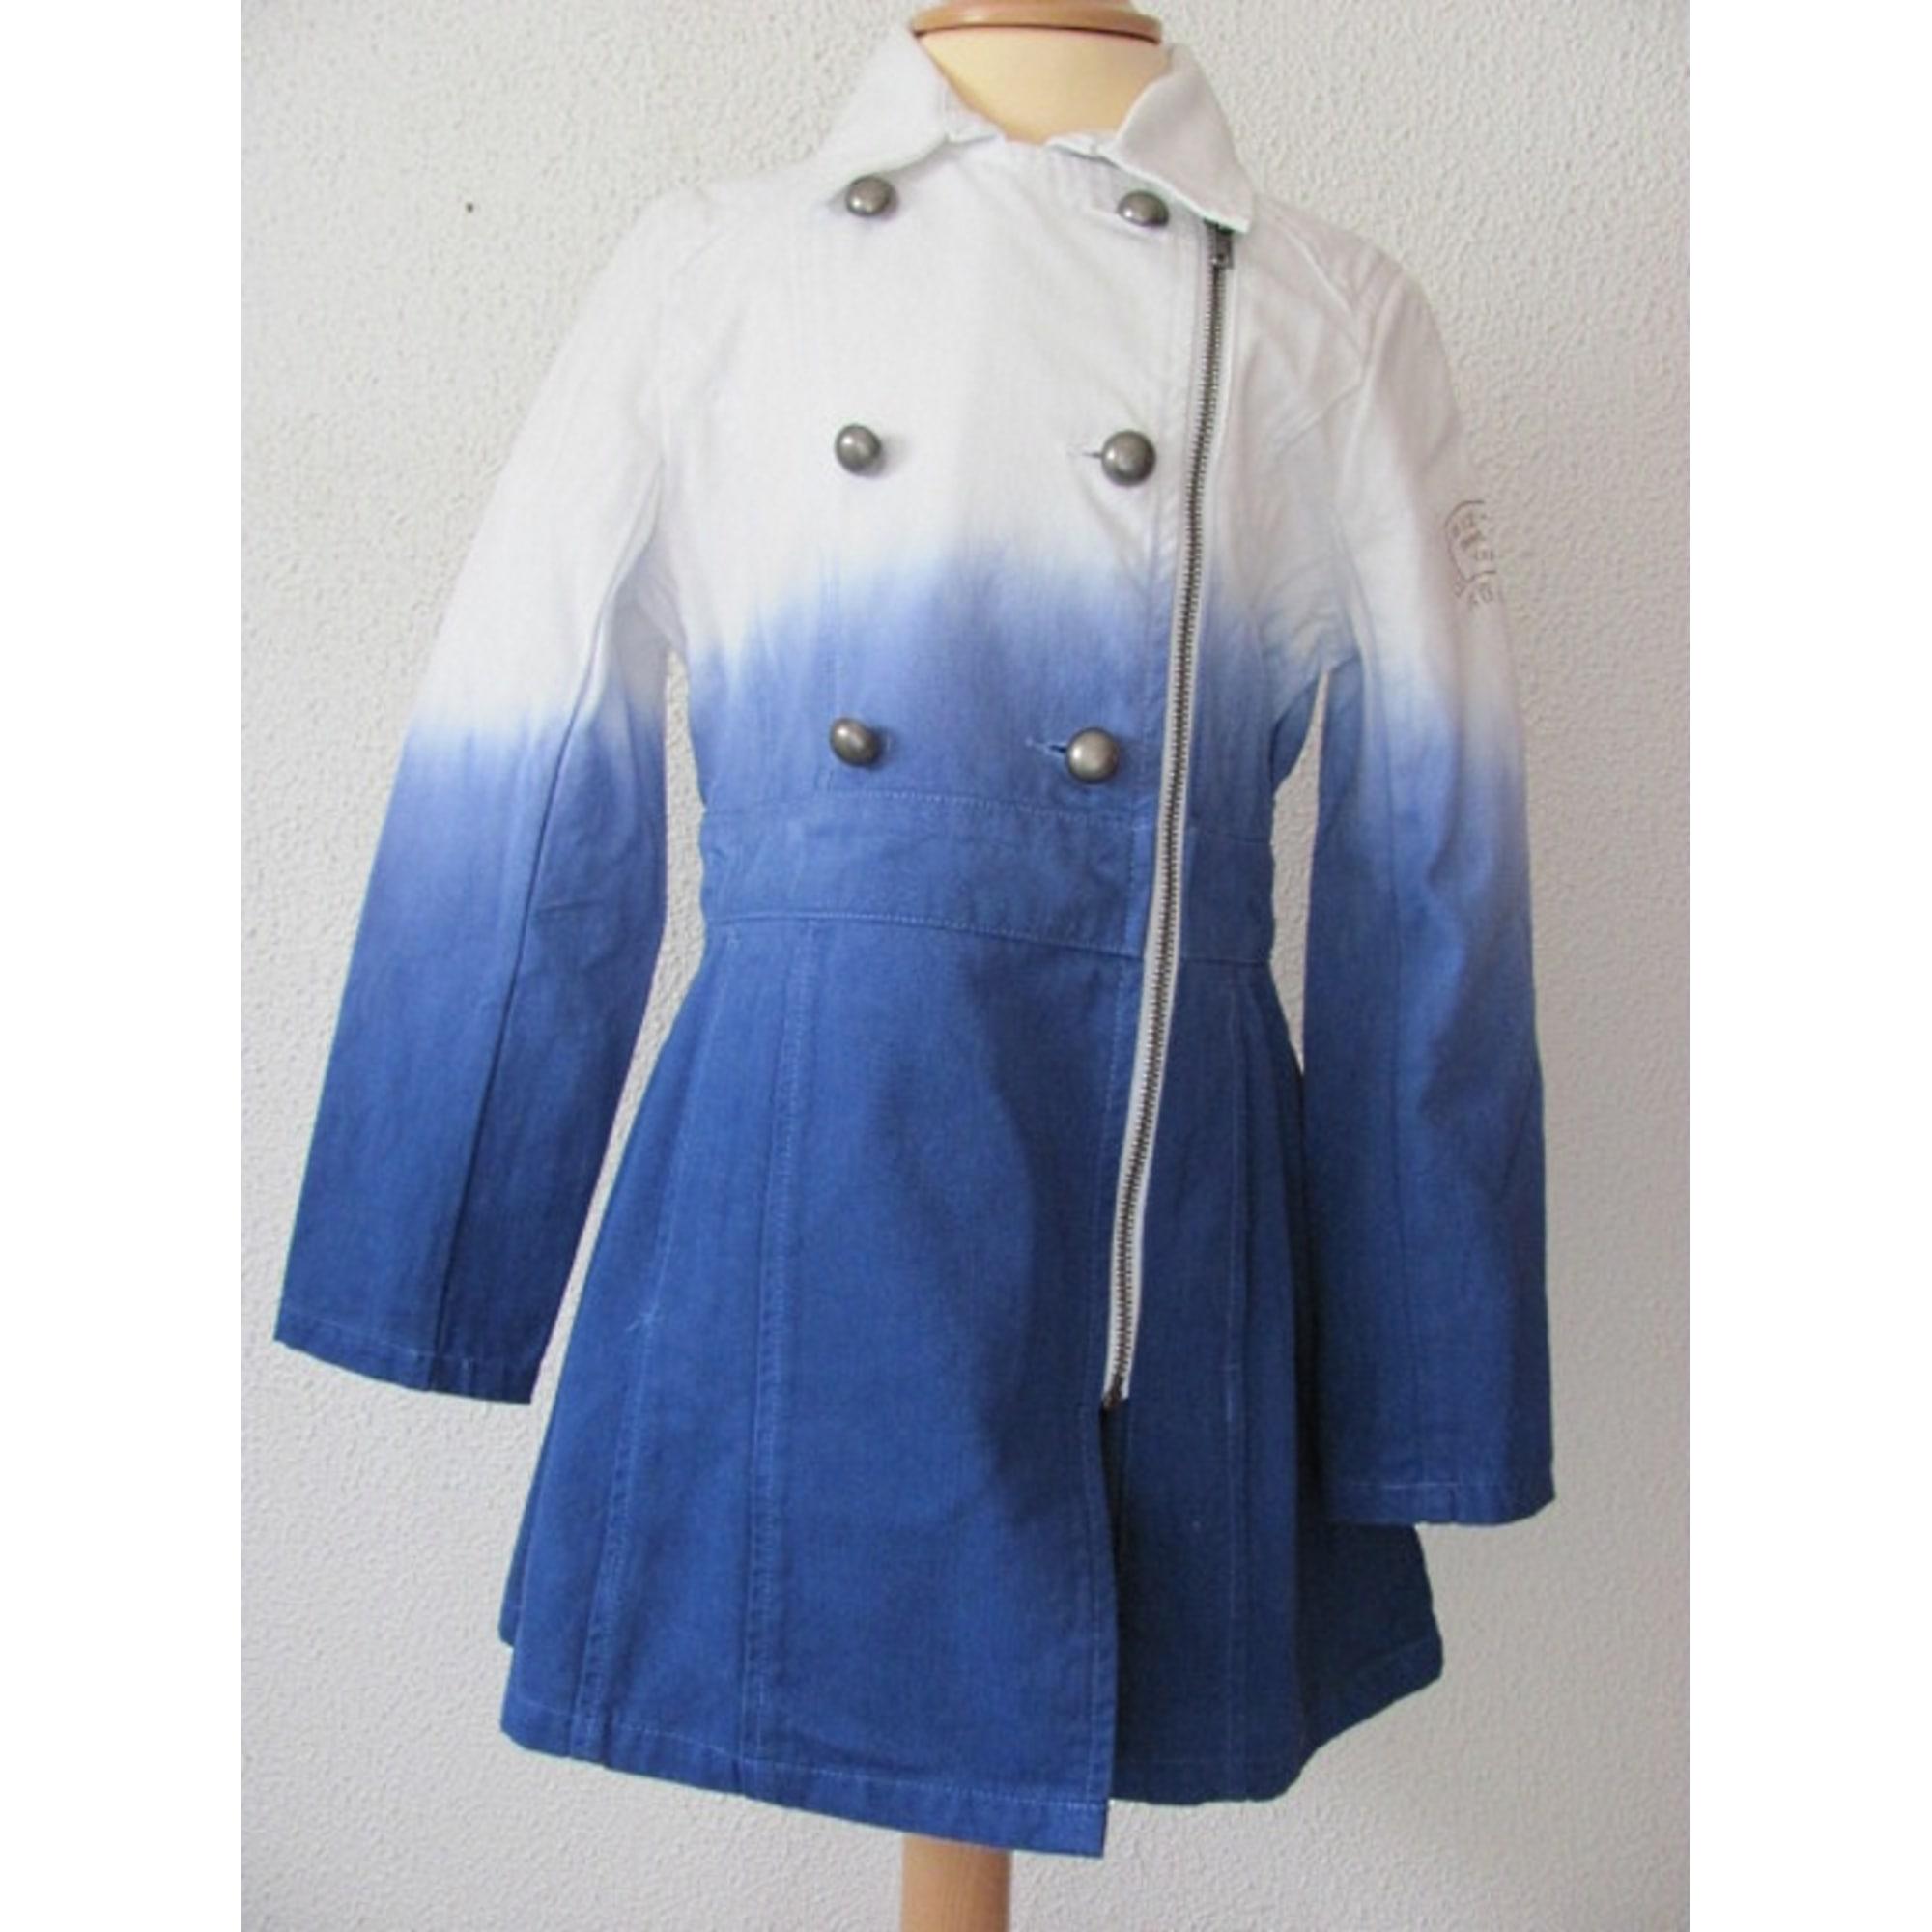 Manteau IKKS Dégradé blanc et bleu